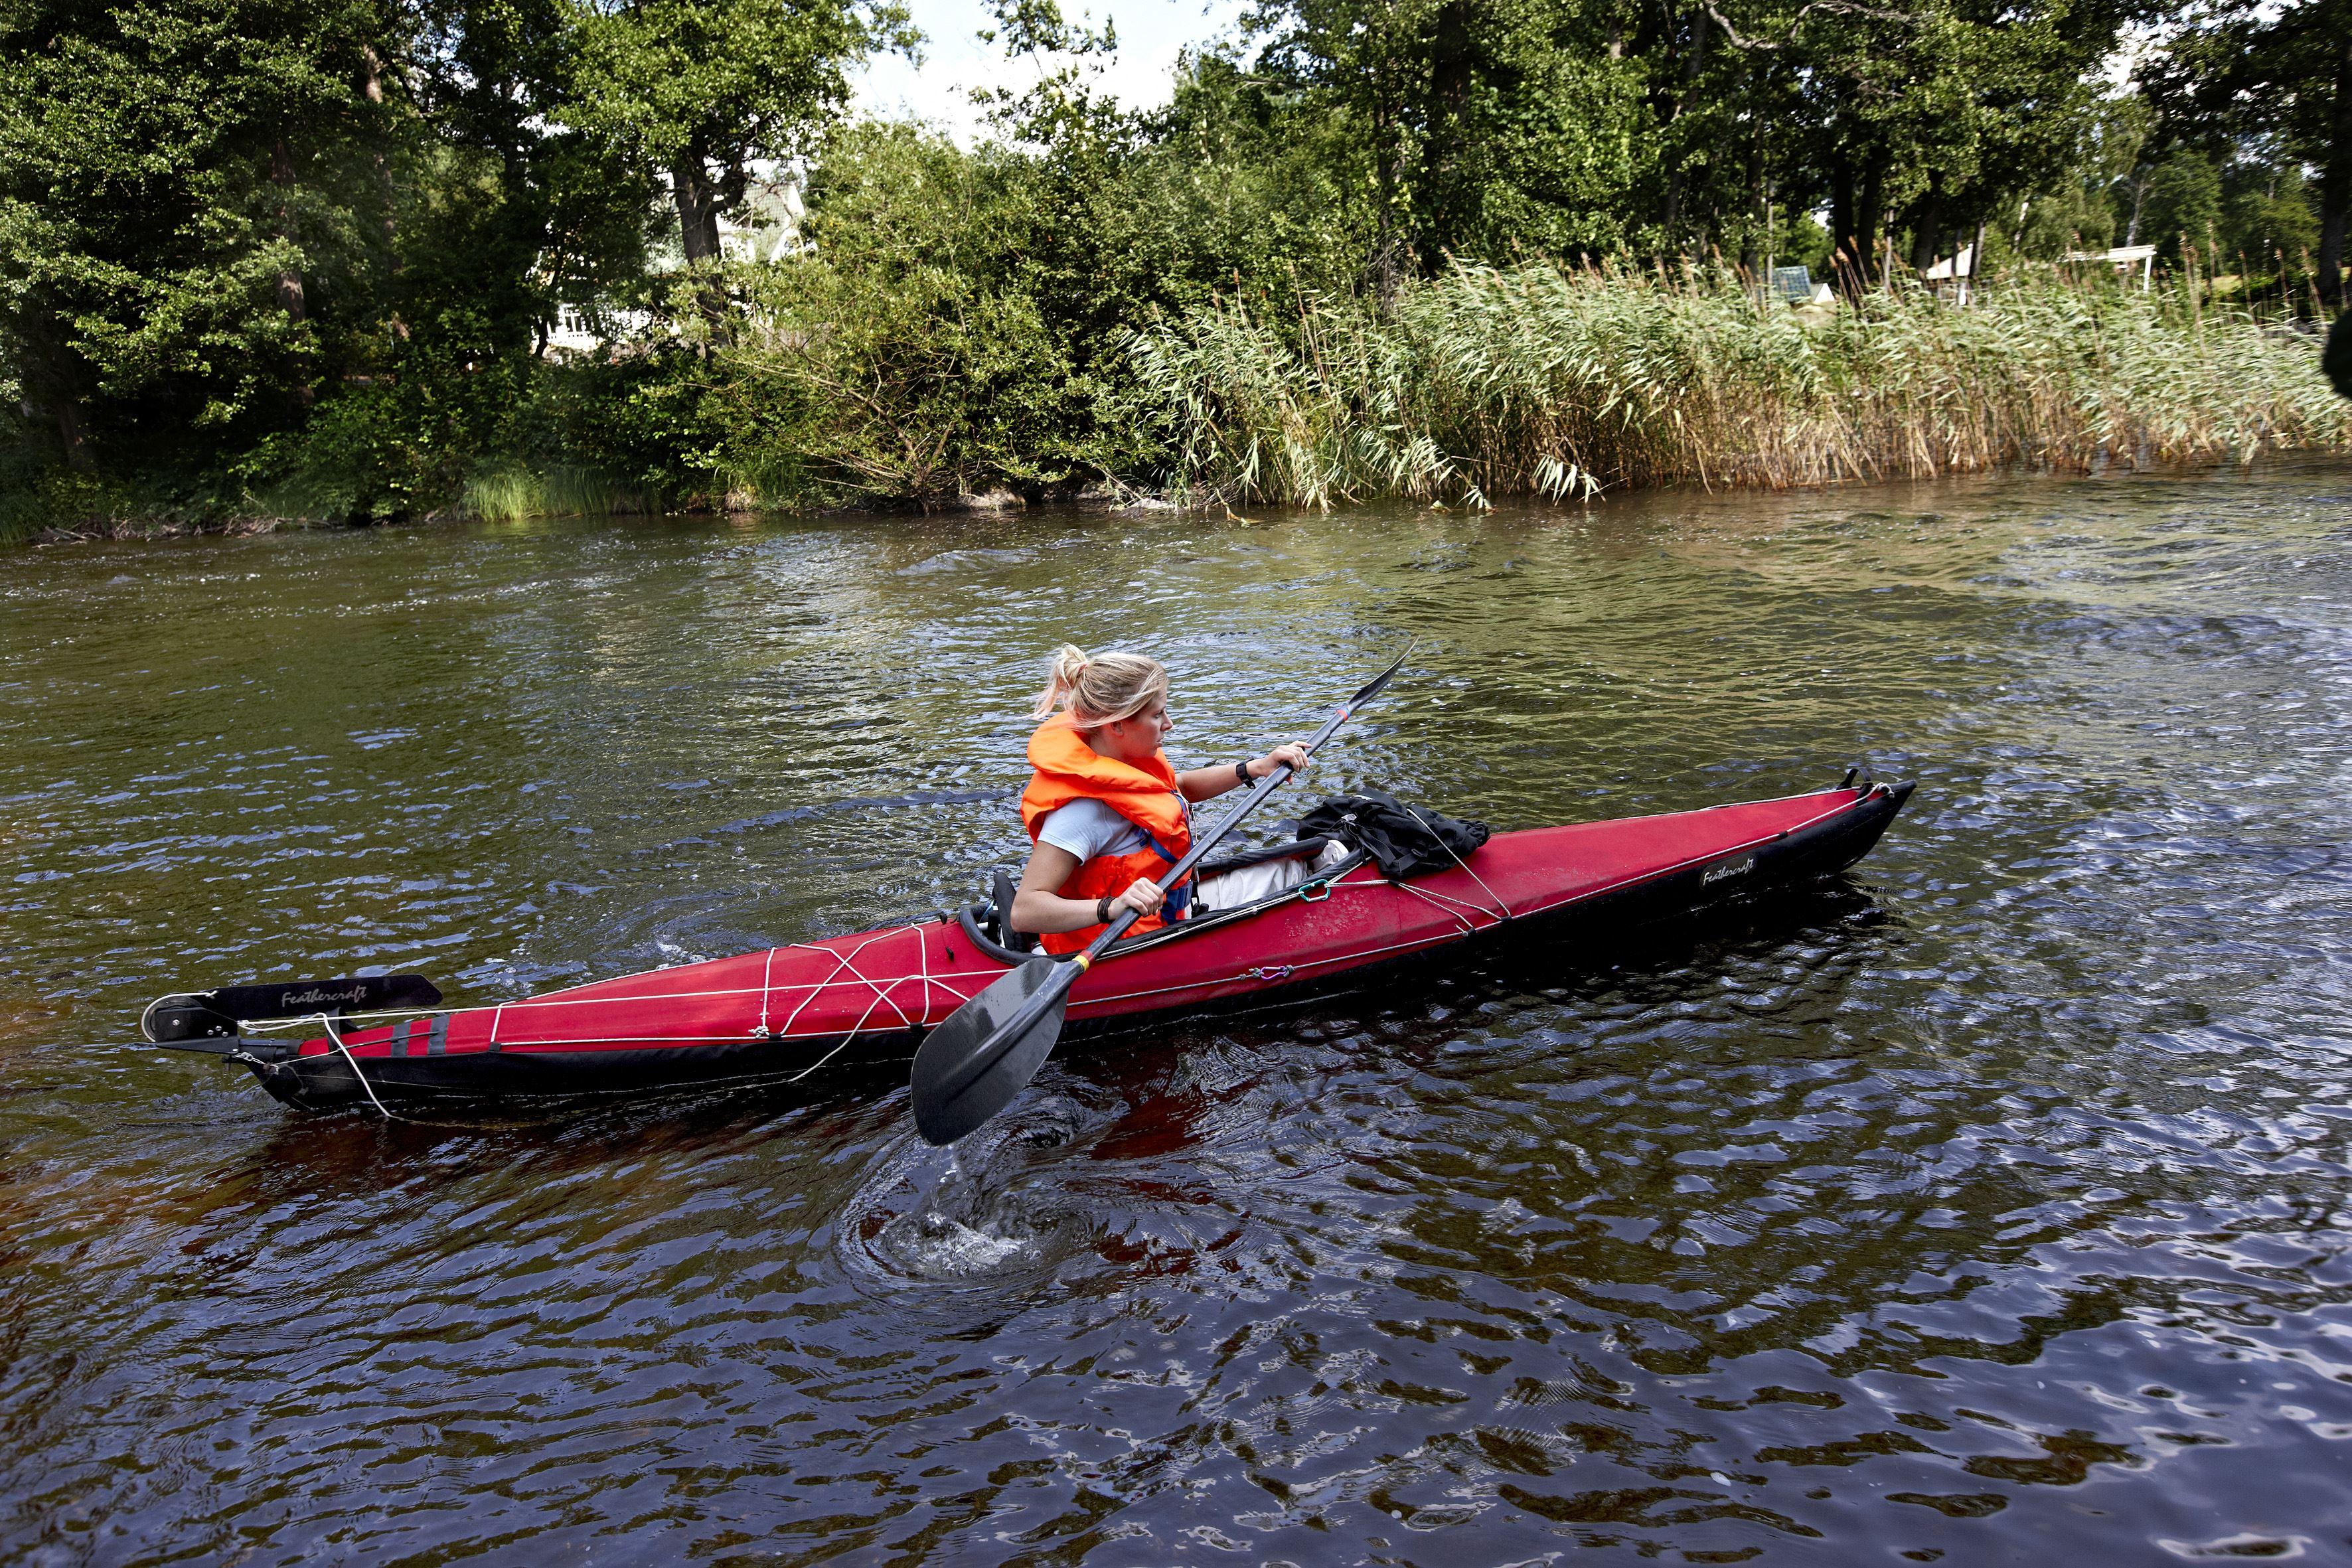 Prova-på paddling